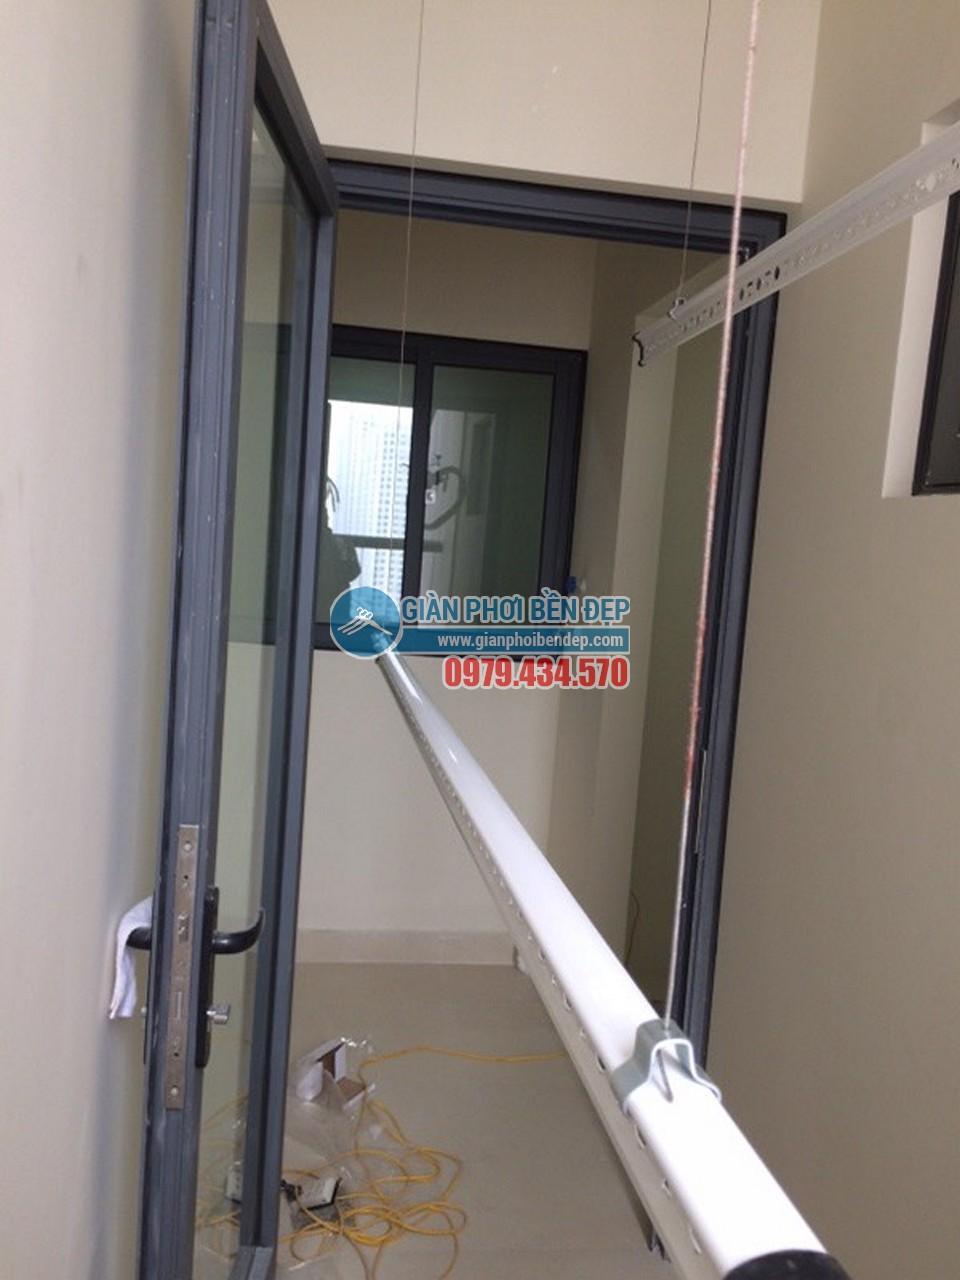 Hoàn thiện lắp đặt giàn phơi thông minh nhà chị Tâm, chung cư 75 Tam Trinh - 04